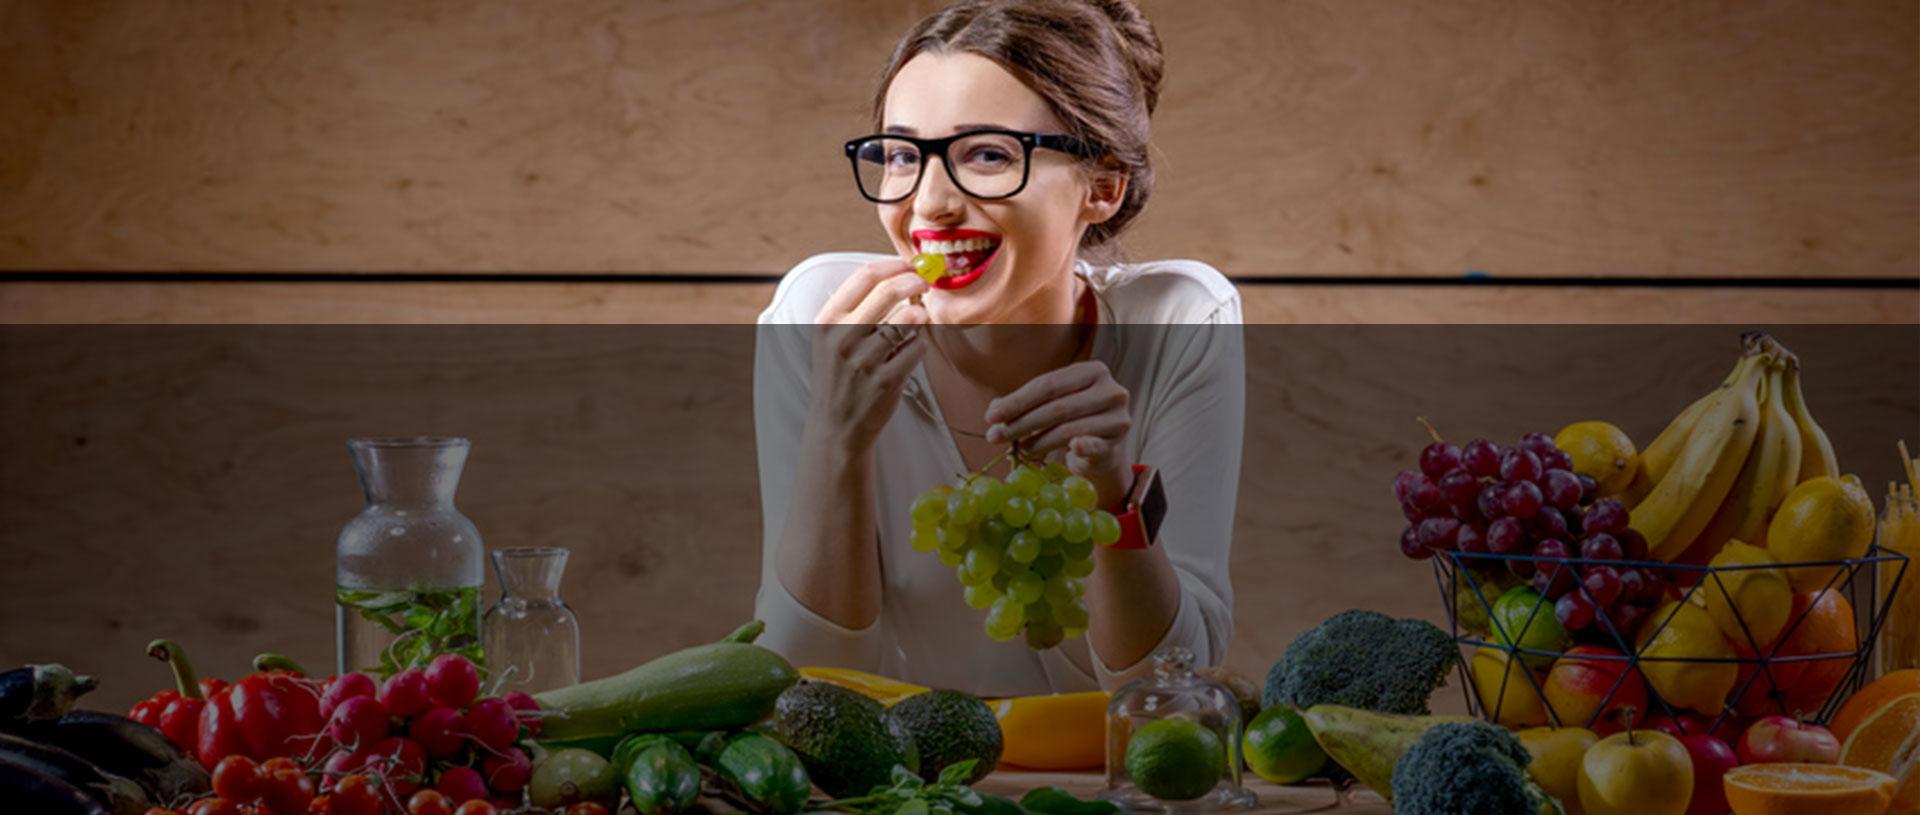 Seminario alimentazione gratis